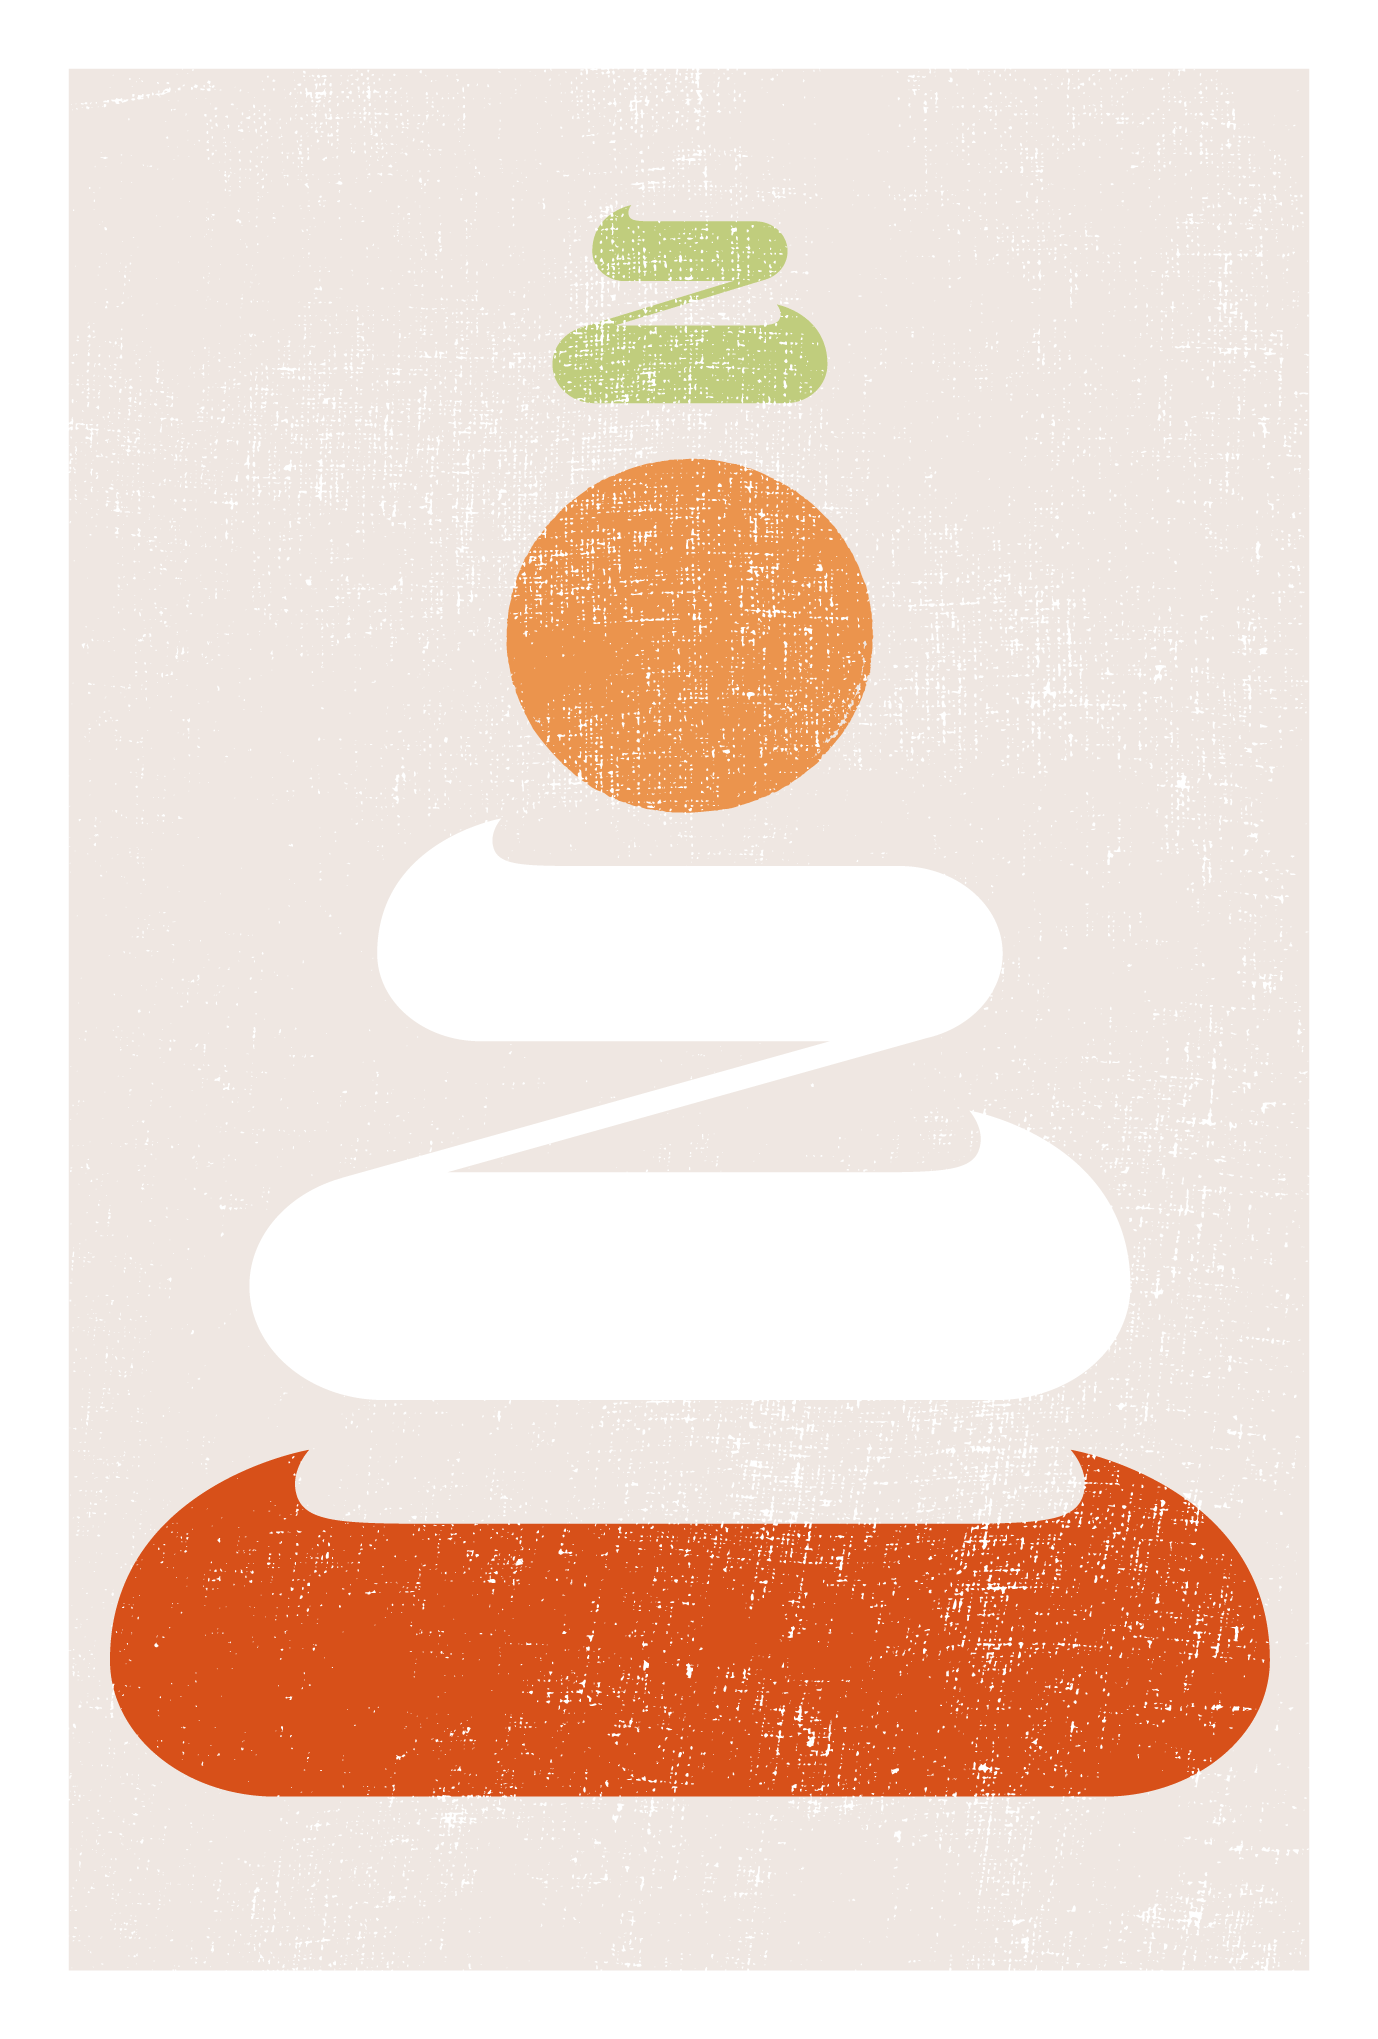 2021年賀状22-1:鏡餅二〇二一 / 縦 Aのダウンロード画像